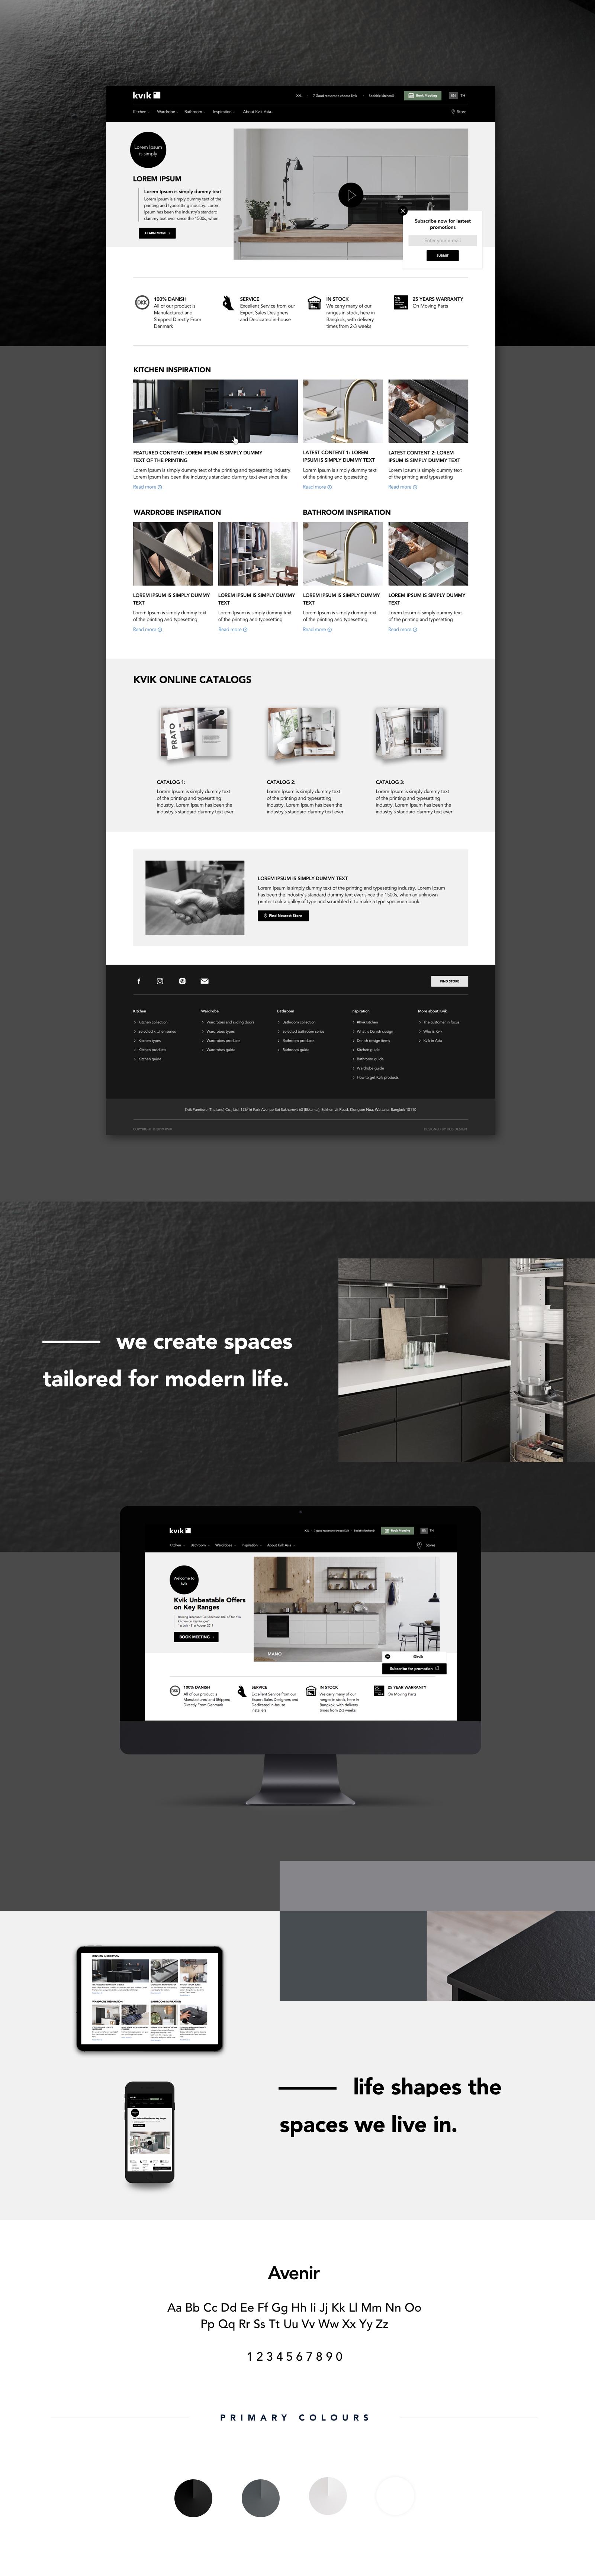 KOS Design - Kvik